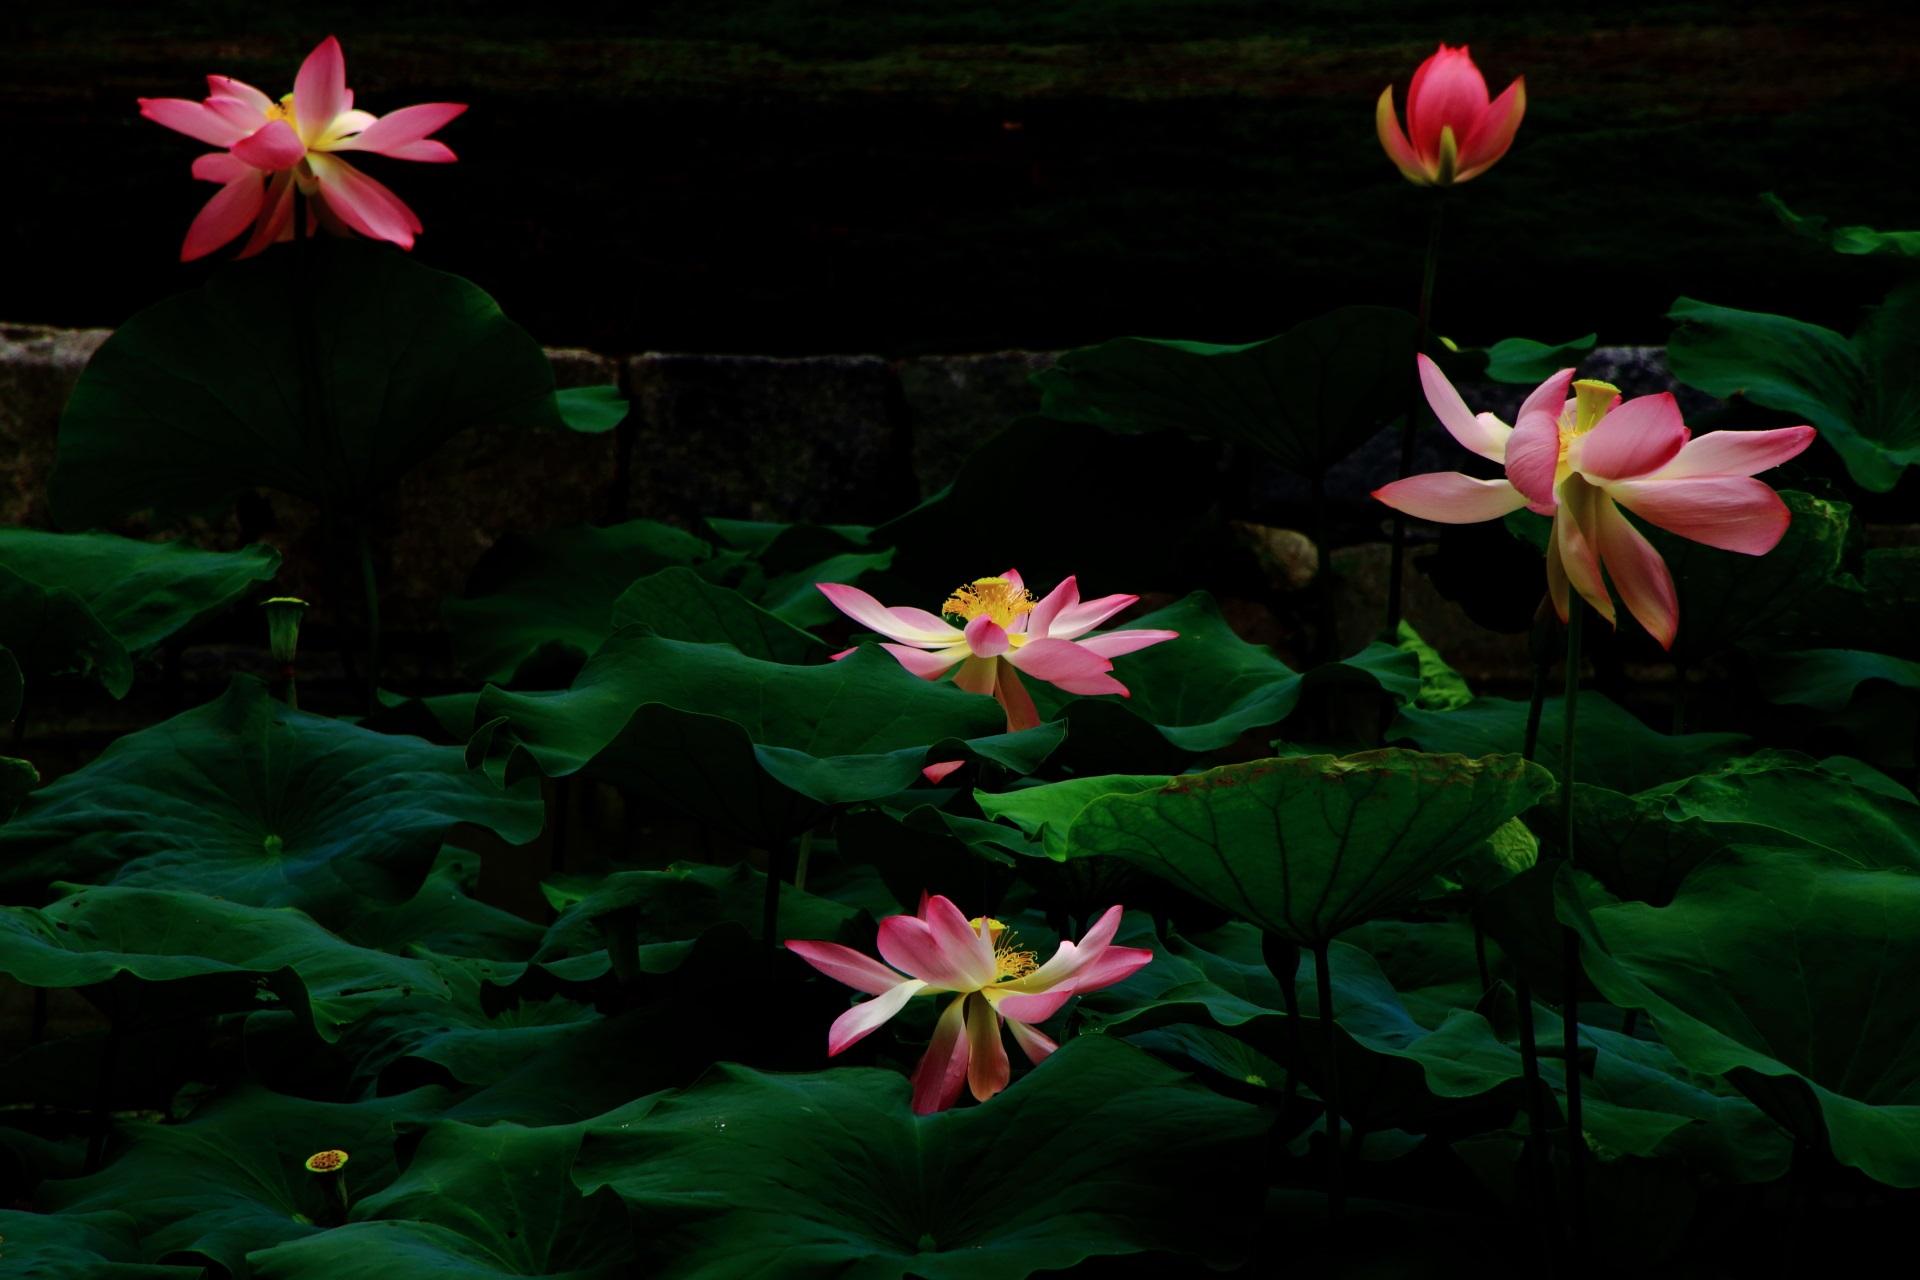 雪洞(ぼんぼり)が灯るように浮かび上がる蓮の花